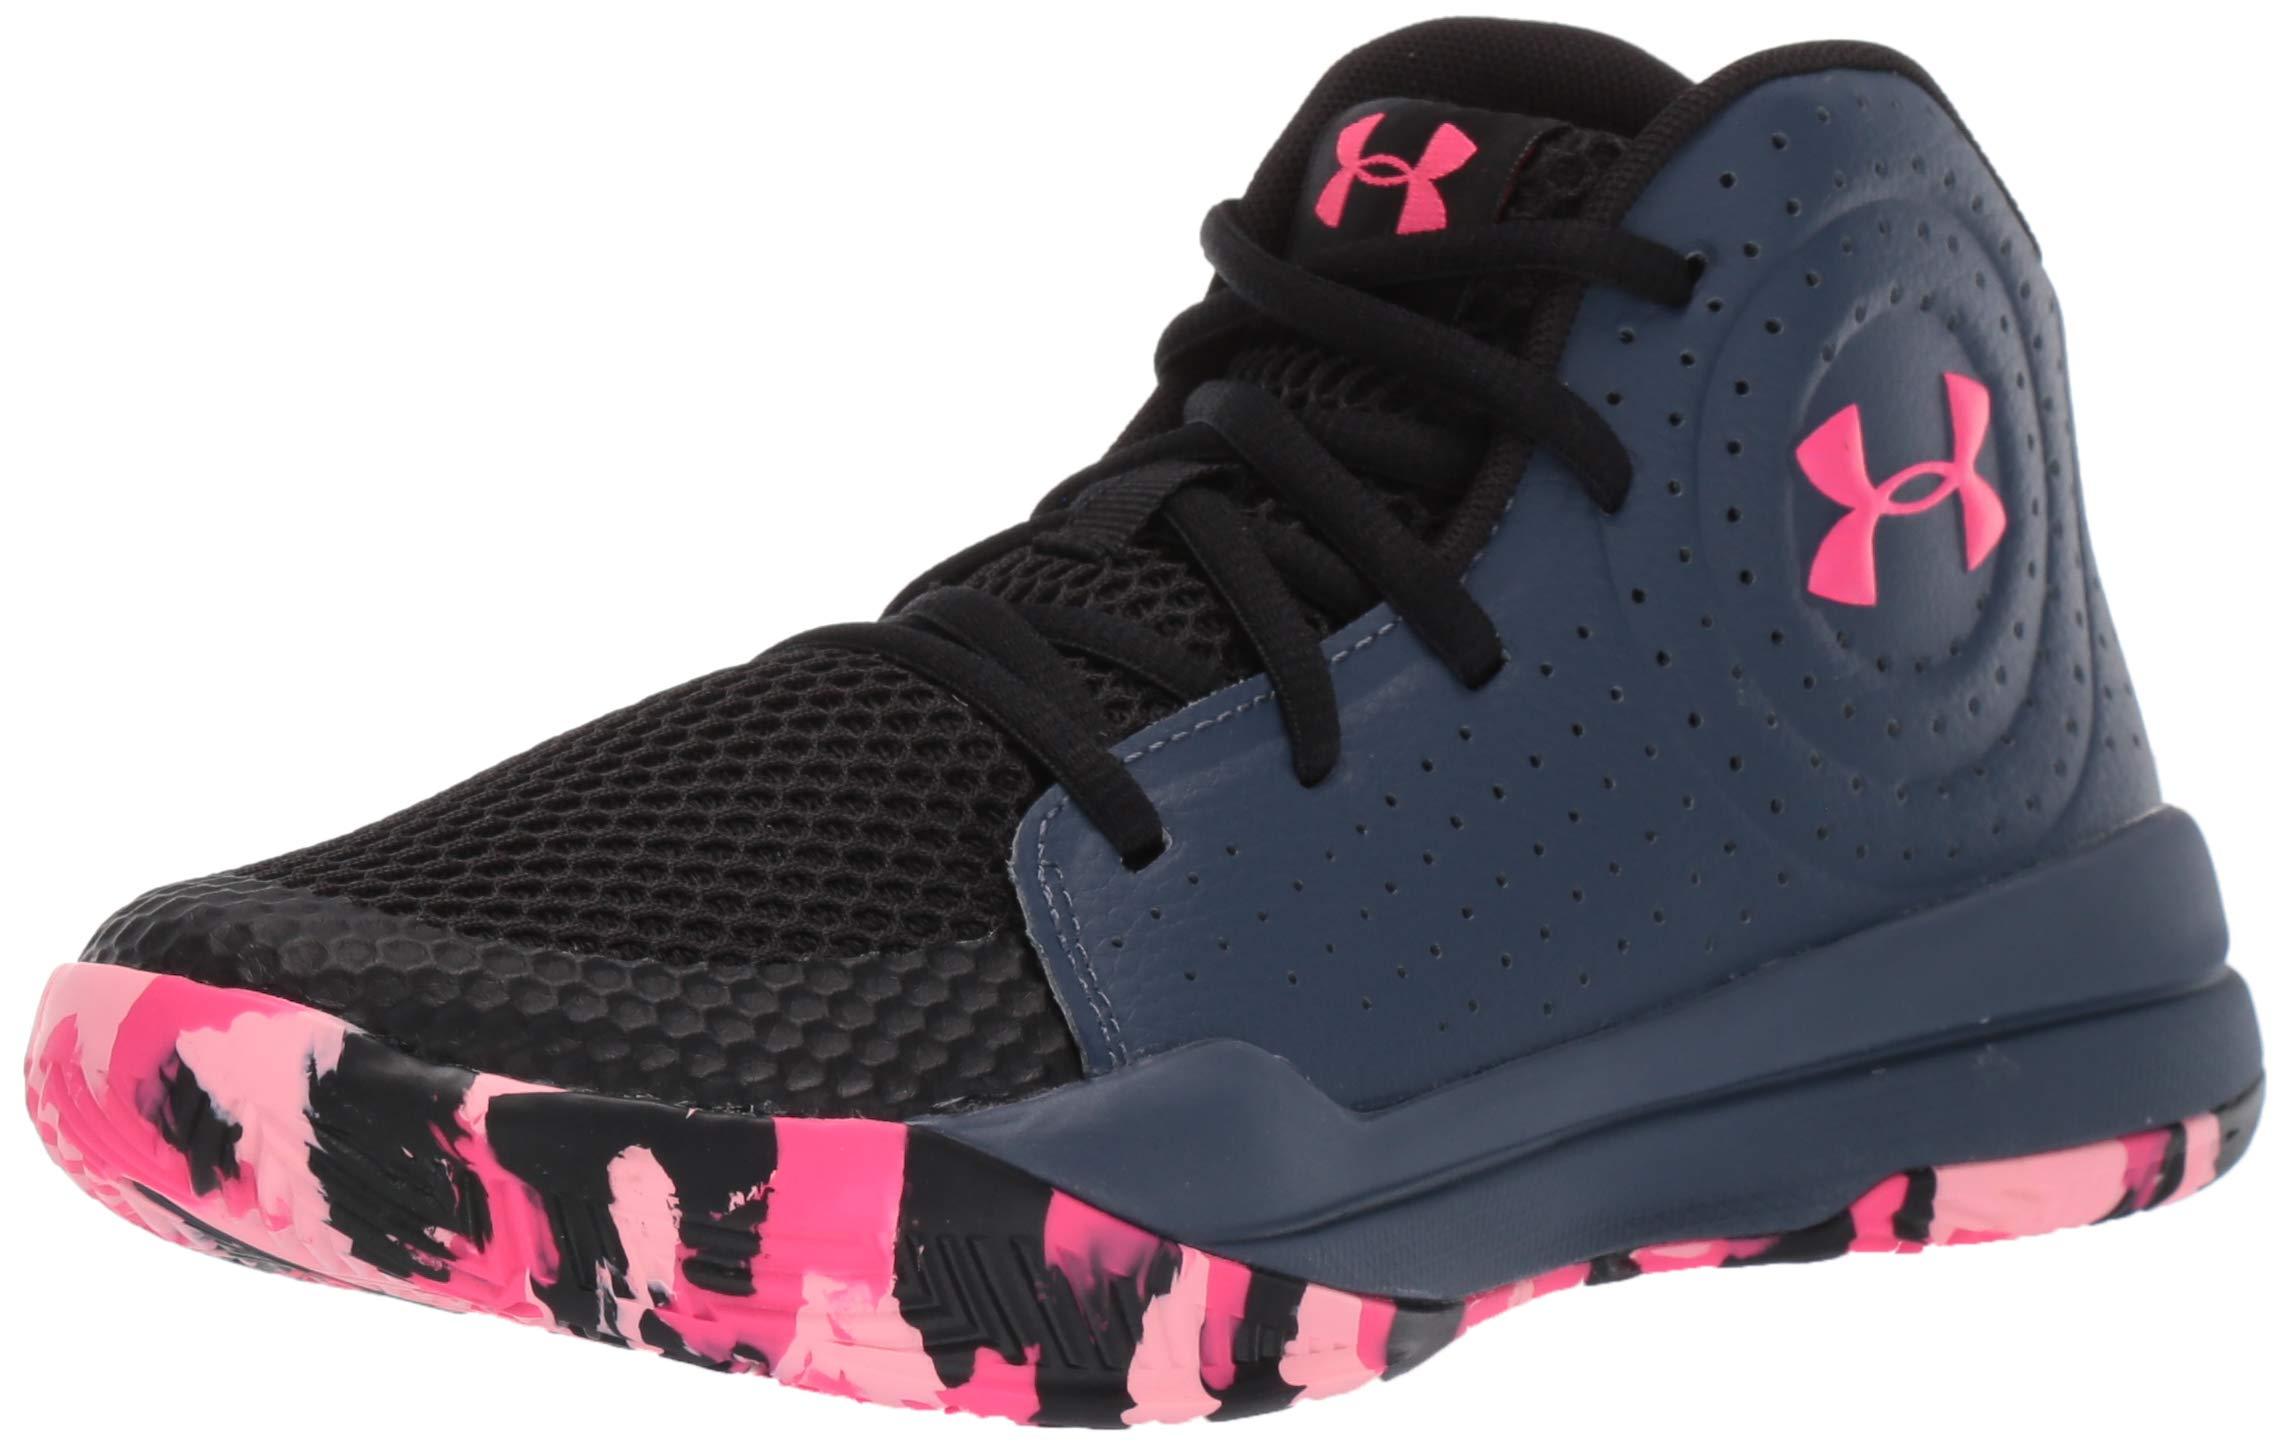 Under Armour Unisex Pre School Jet 2019 Basketball Shoe, Downpour Gray (403)/Black, 6.5 M US Big Kid